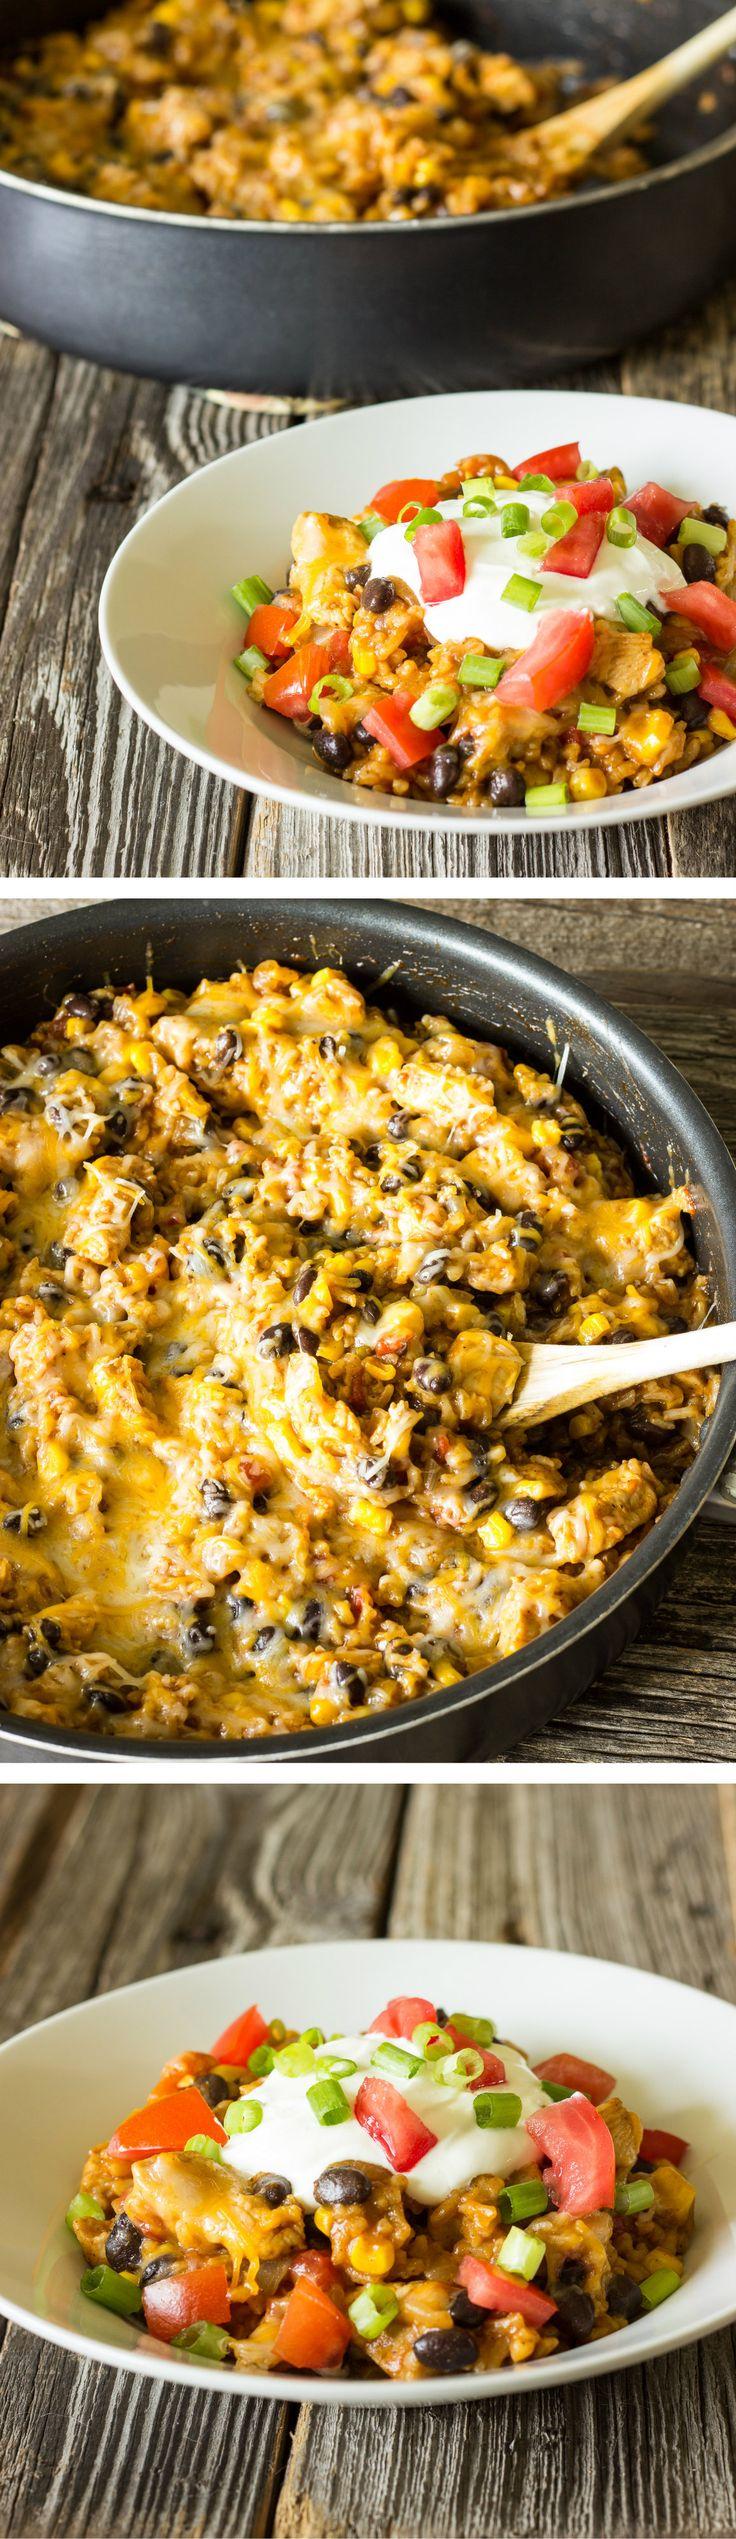 One Pot Wonder Chicken Enchilada Bowls.